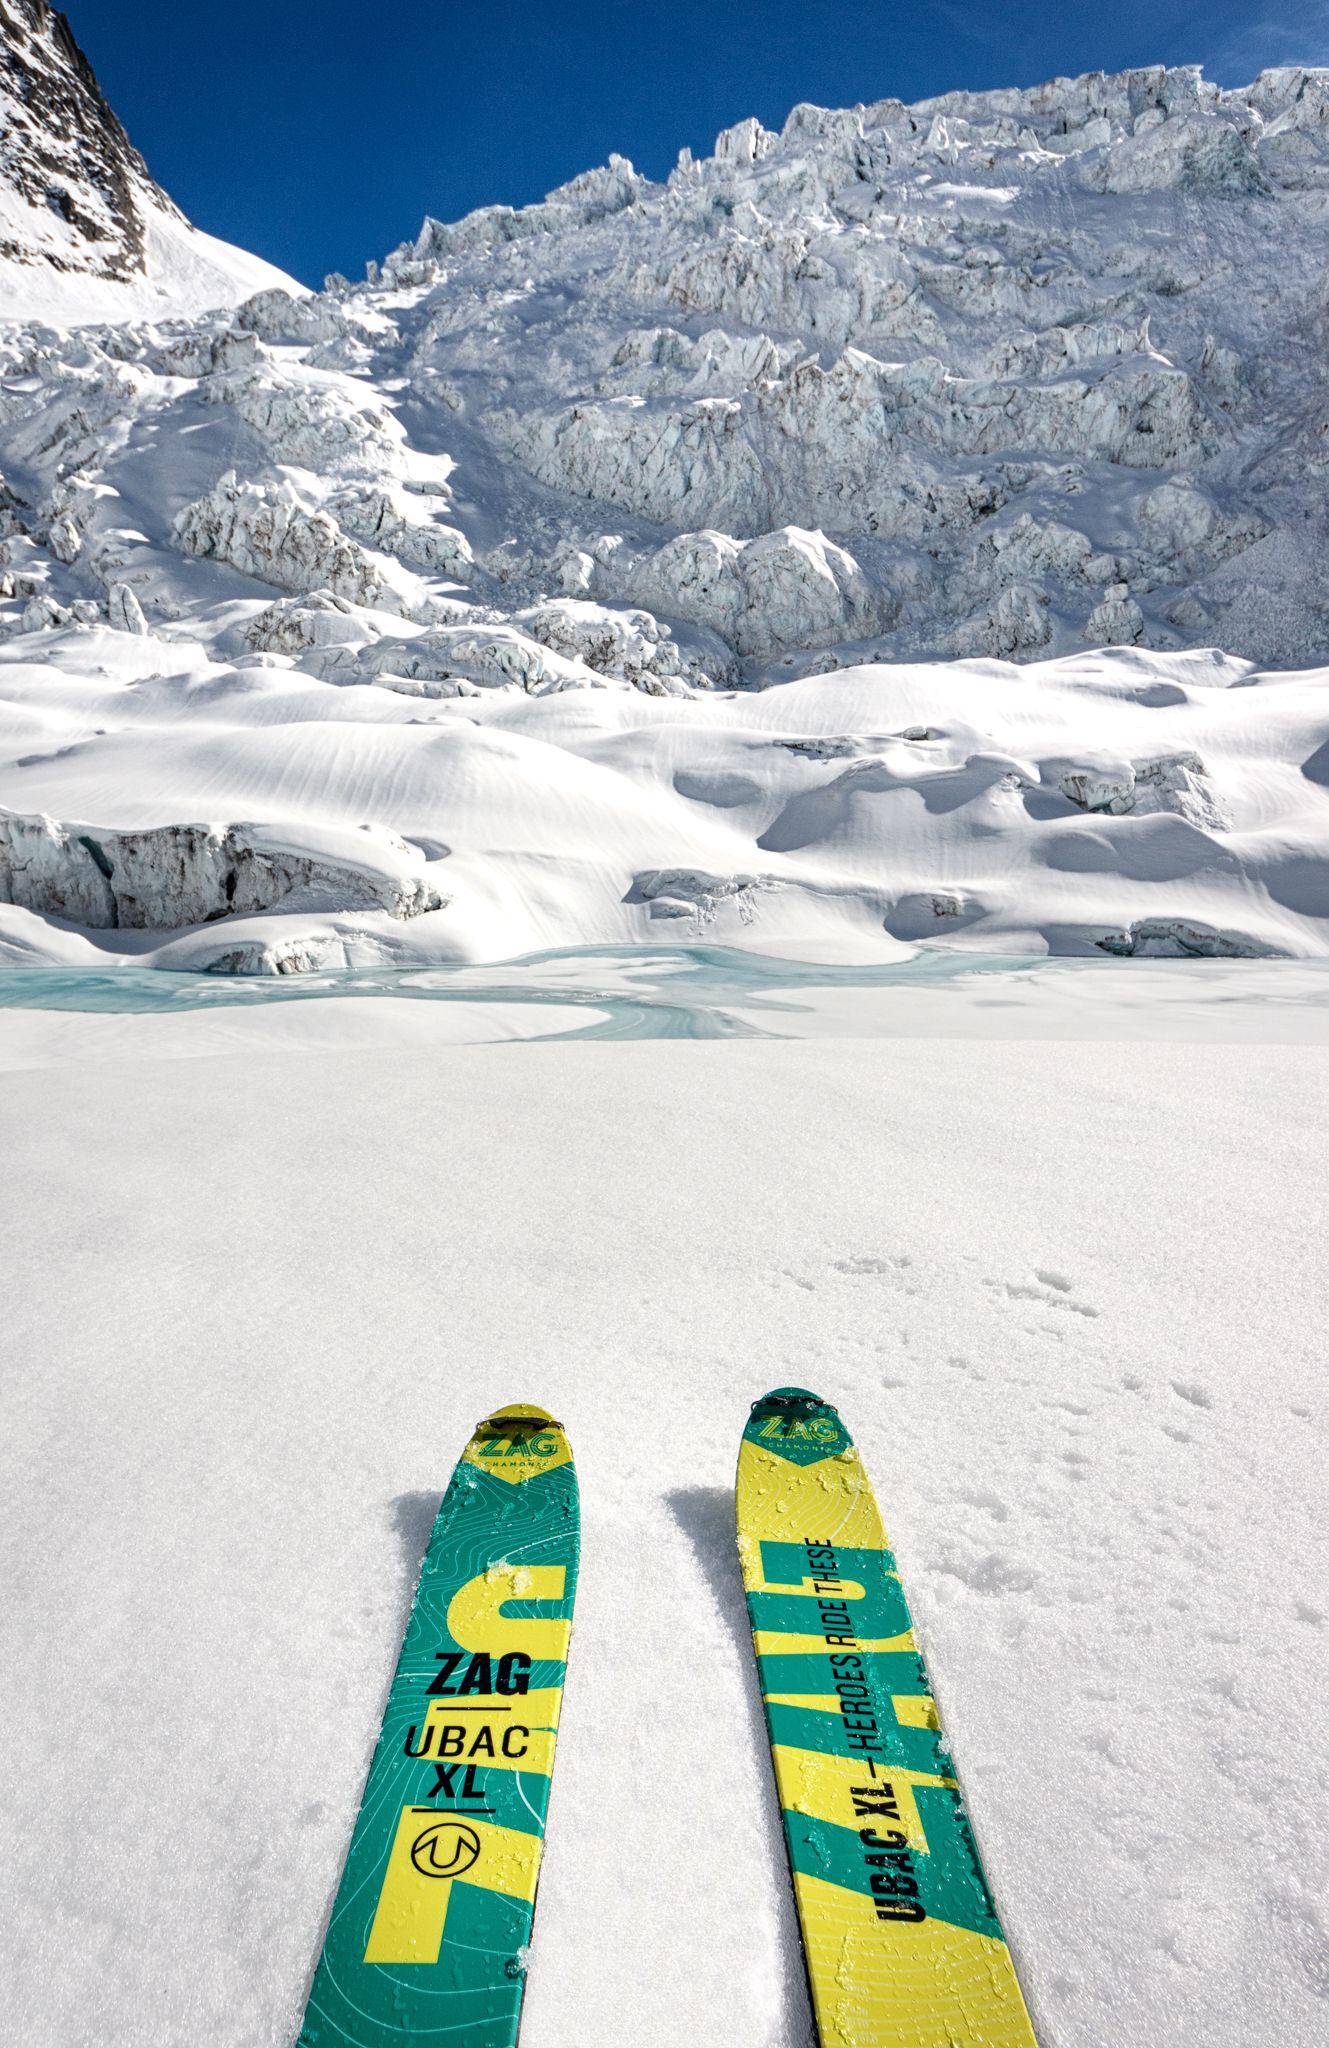 Ubac Xl Zaggskis Skitouring Skimo Mountains Glacier Montblanc Big Mountain Skiing Ski Touring Skiing